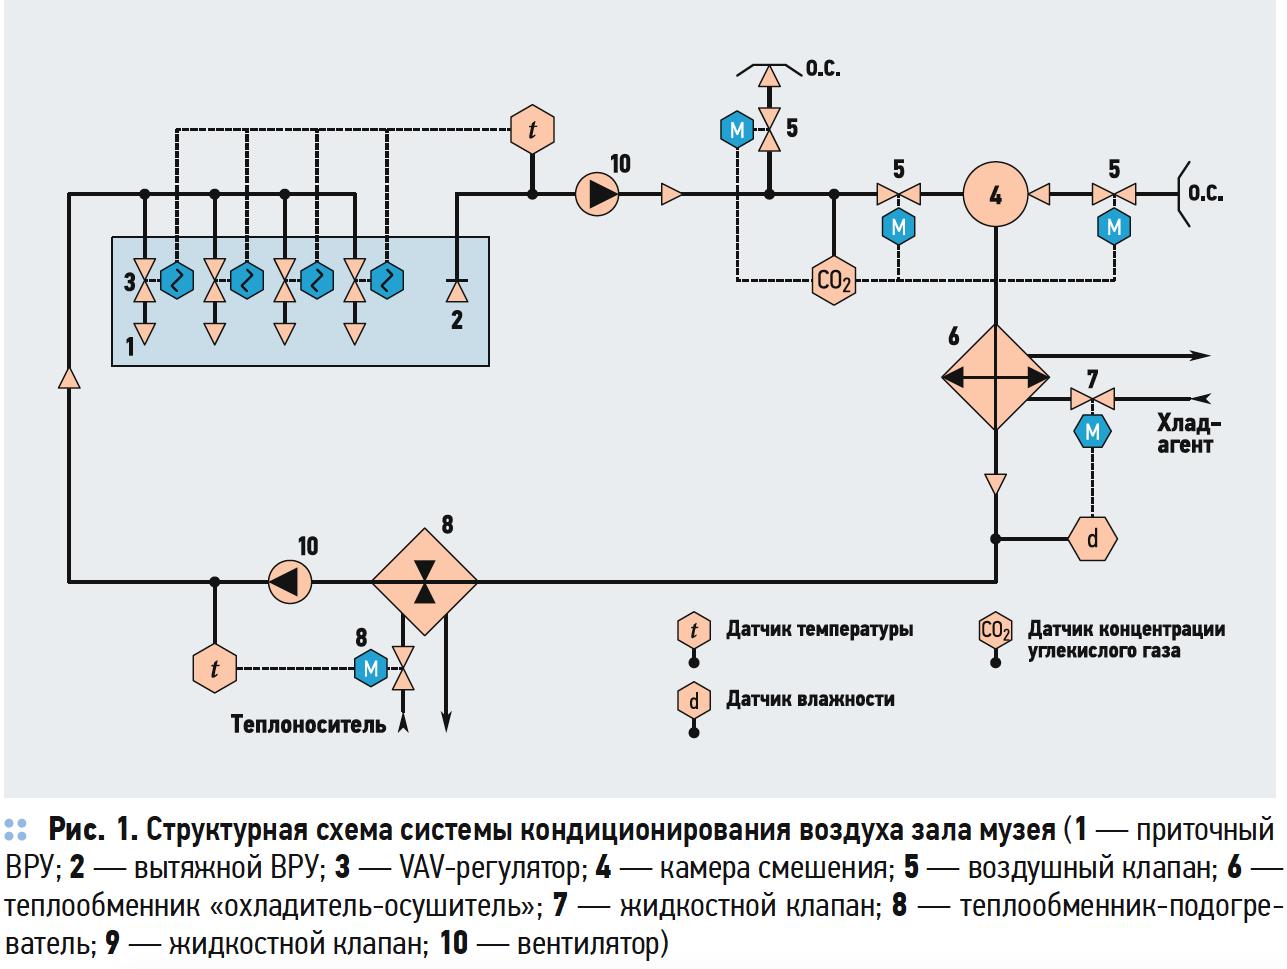 Структурная схема системы кондиционирования воздуха зала музея